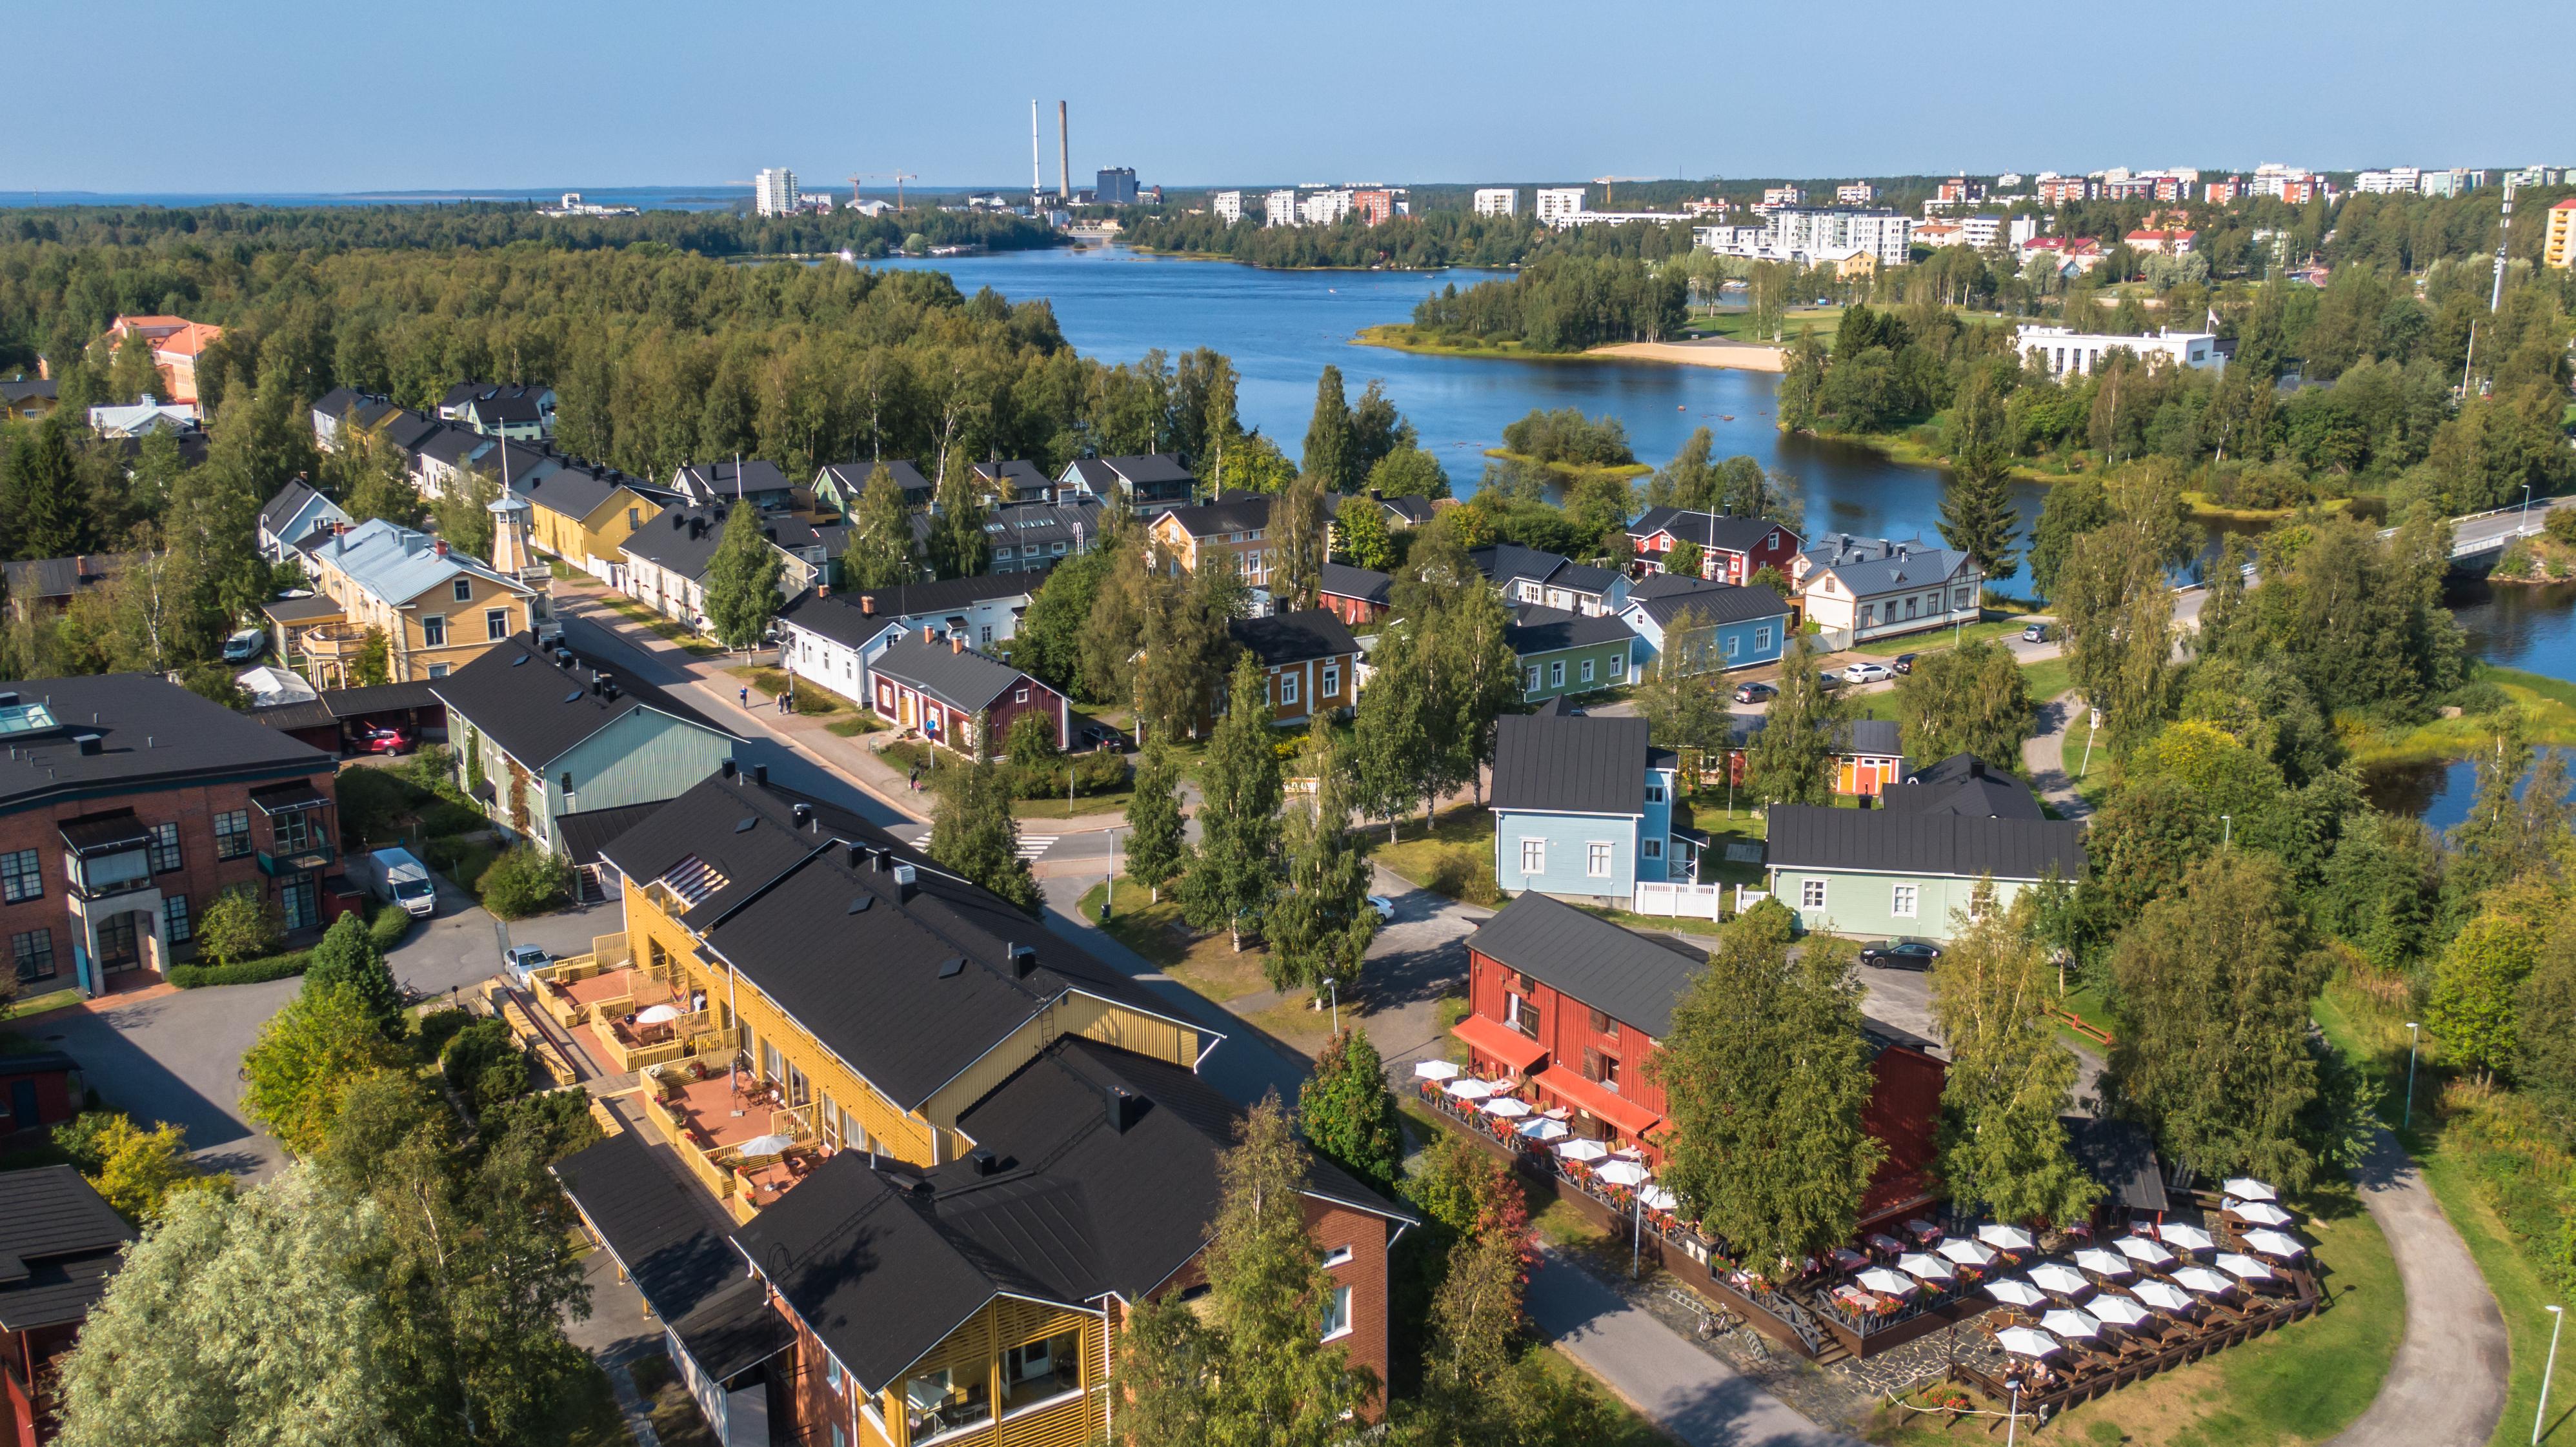 Kesäkuva ilmasta otettuna Oulun Pikisaaressa. Tyylikkäitä erivärisiä puutaloja. Oulujoen suistoa.